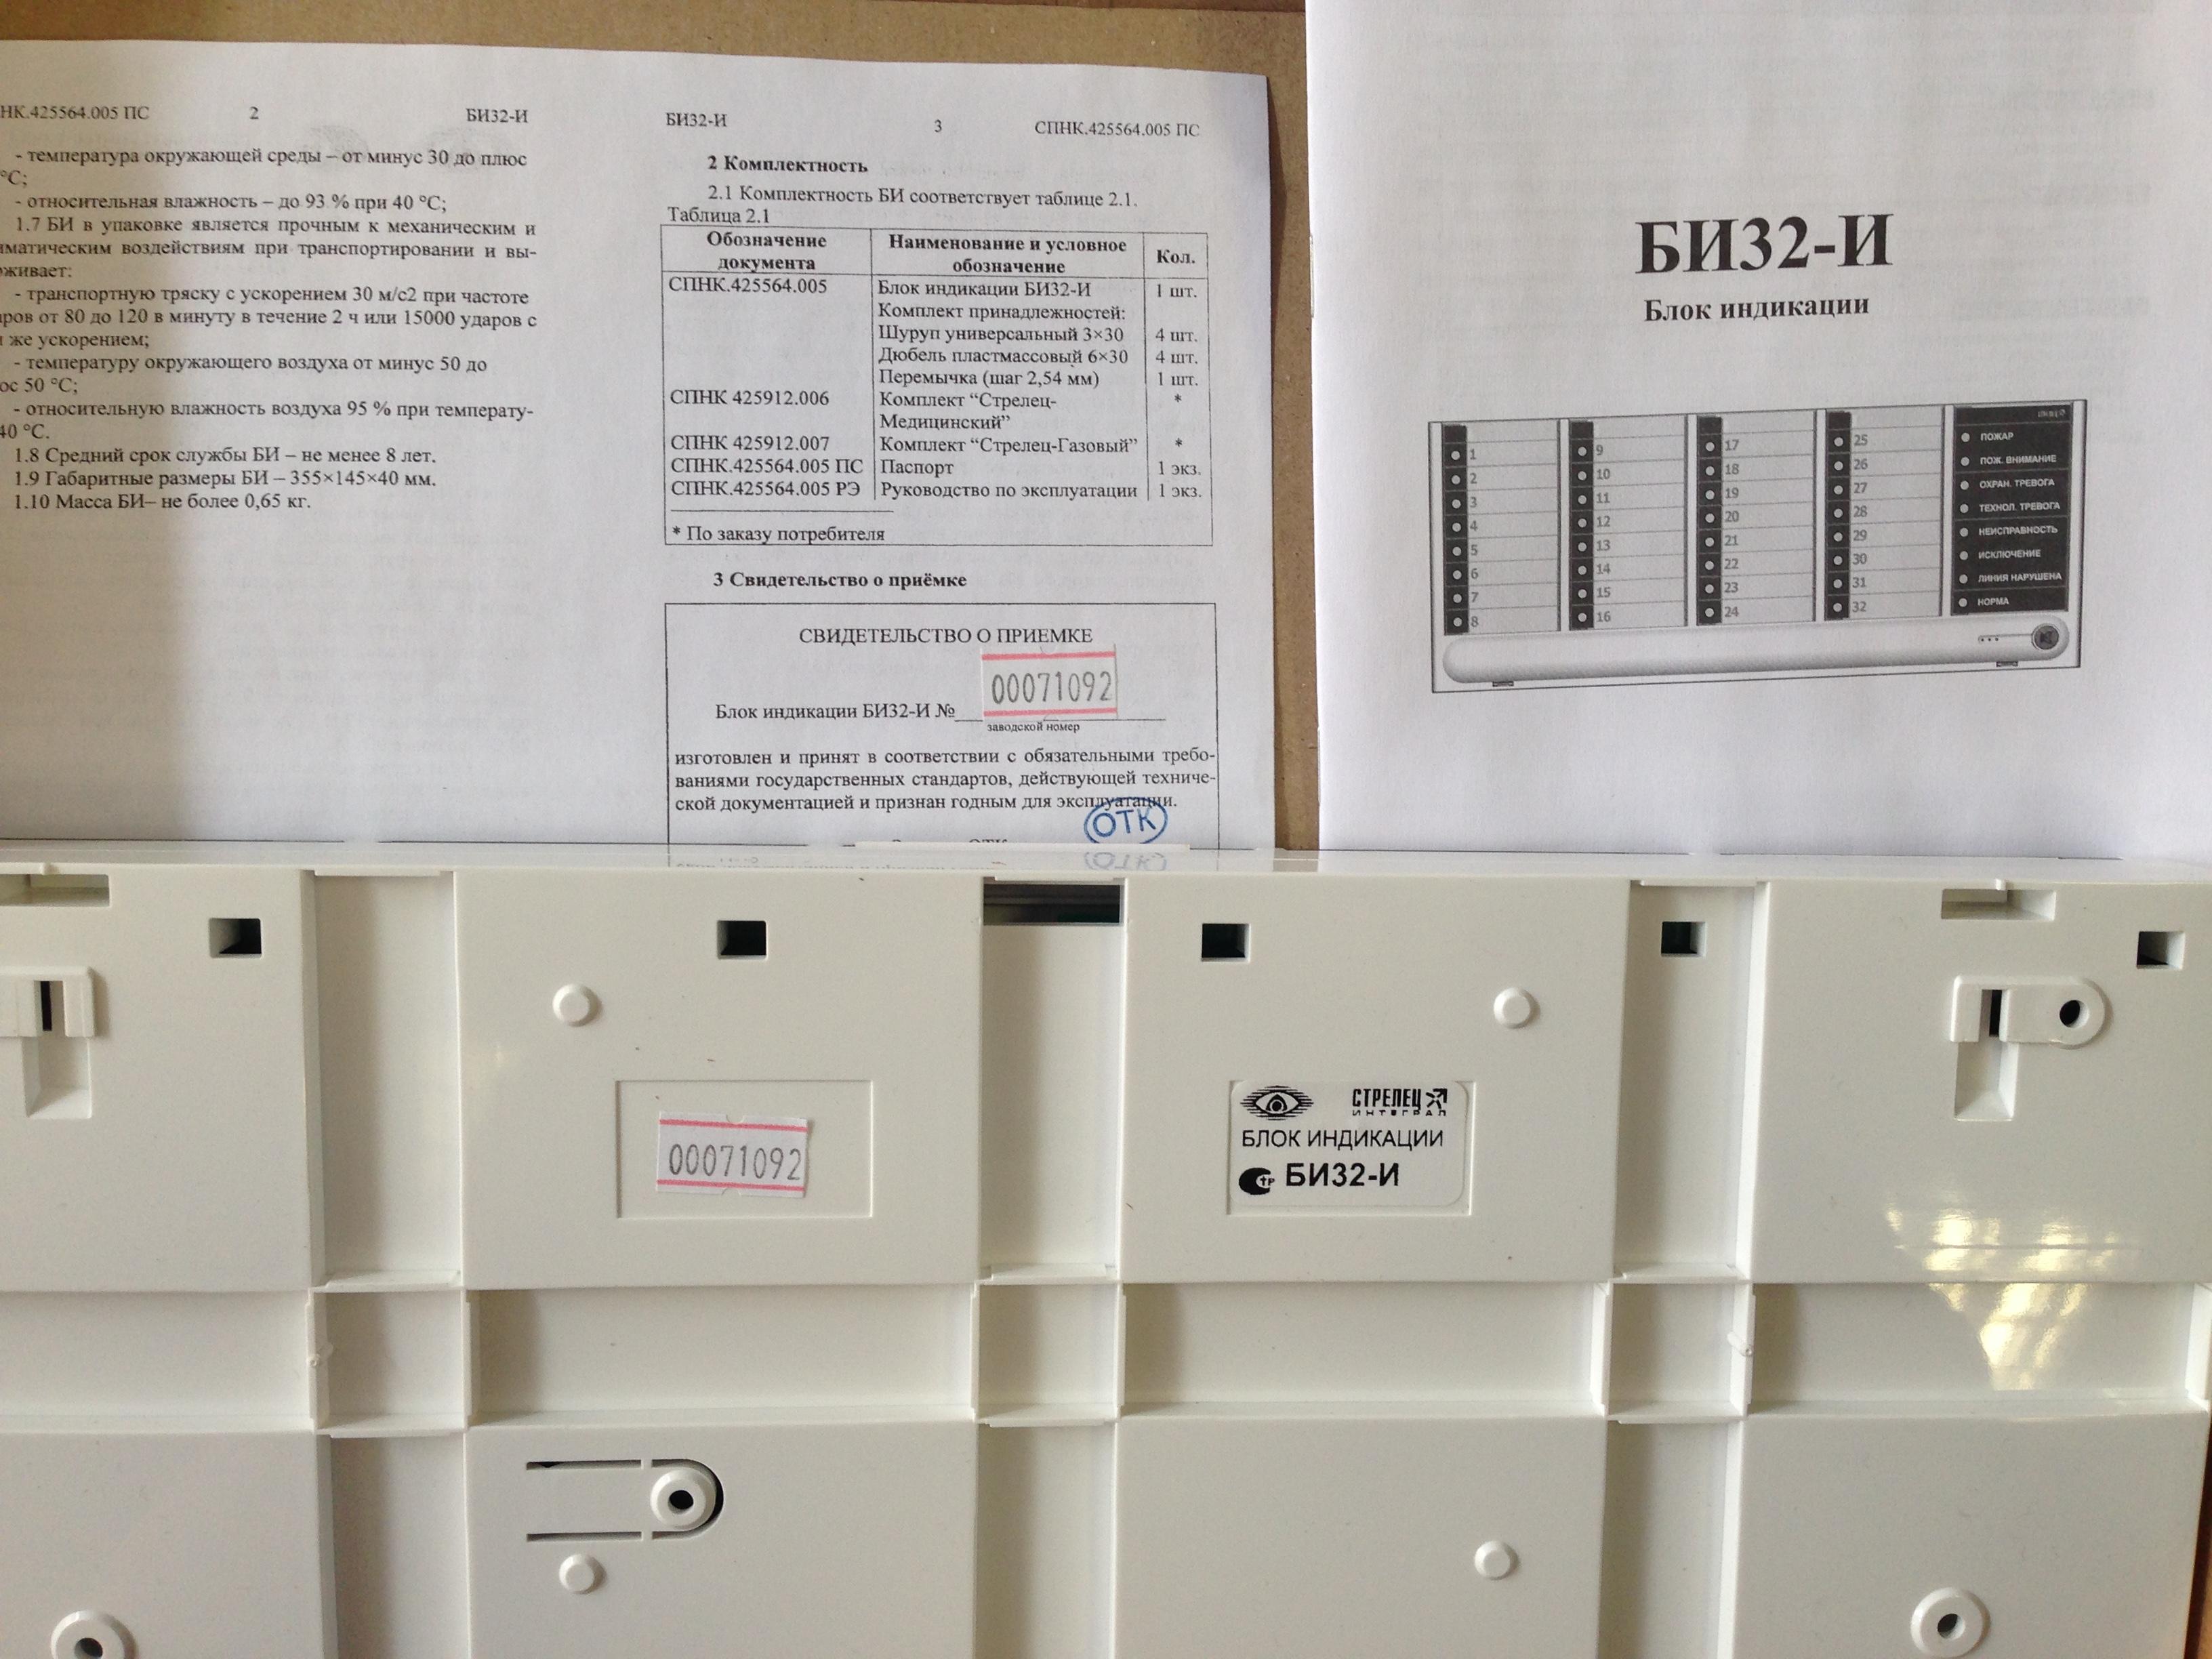 Блок индикации БИ32-И (cтрелец интеграл) - купить в интернет магазине с доставкой, цены, описание, характеристики, отзывы